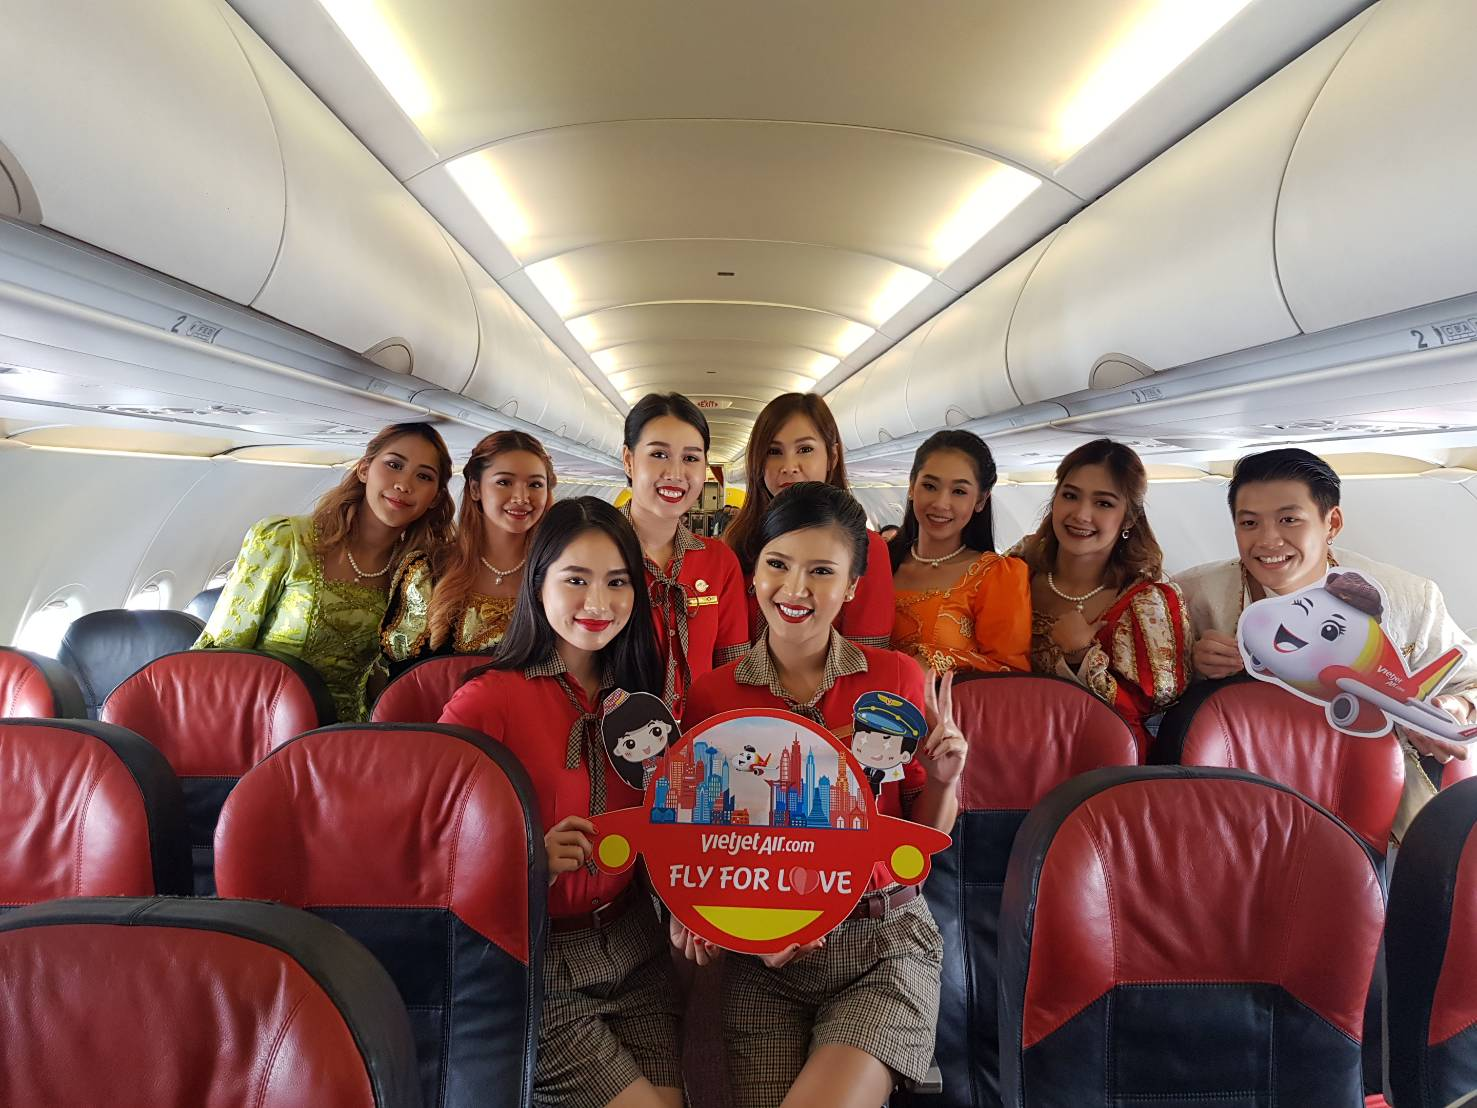 'ไทยเวียตเจ็ท' ผุดแคมเปญ 'เวียตเจ็ท ซัมเมอร์พาเหรด – Fly For Love – สนุกกับหน้าร้อนในแบบคุณ'